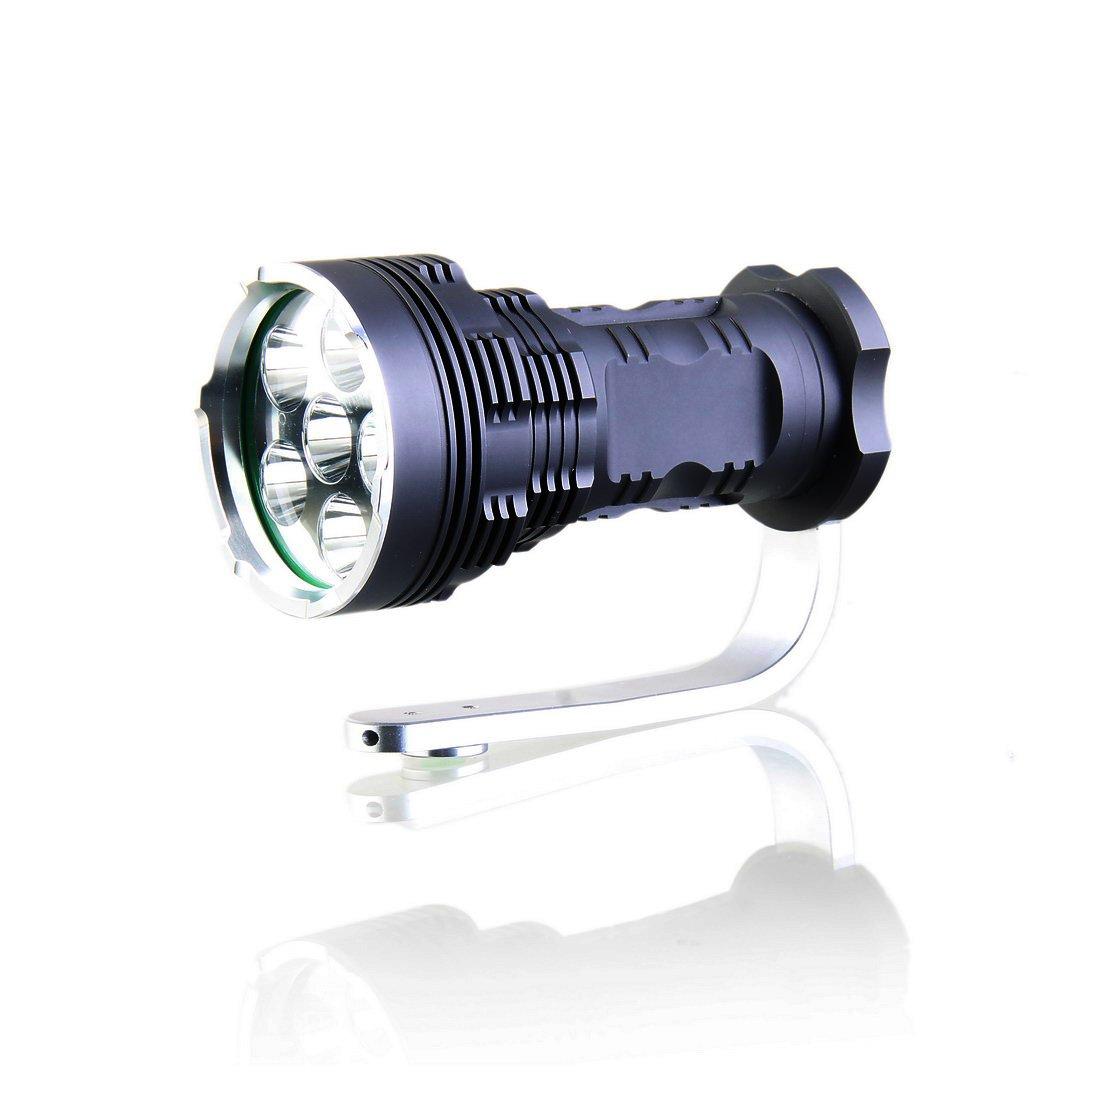 KINFIRE K68S 6xCree T6 LED wiederaufladbare Taschenlampe 4x18650 Ladegeräte 5000lm 5 Mode Camping Frontleuchte  Kundenbewertung und Beschreibung